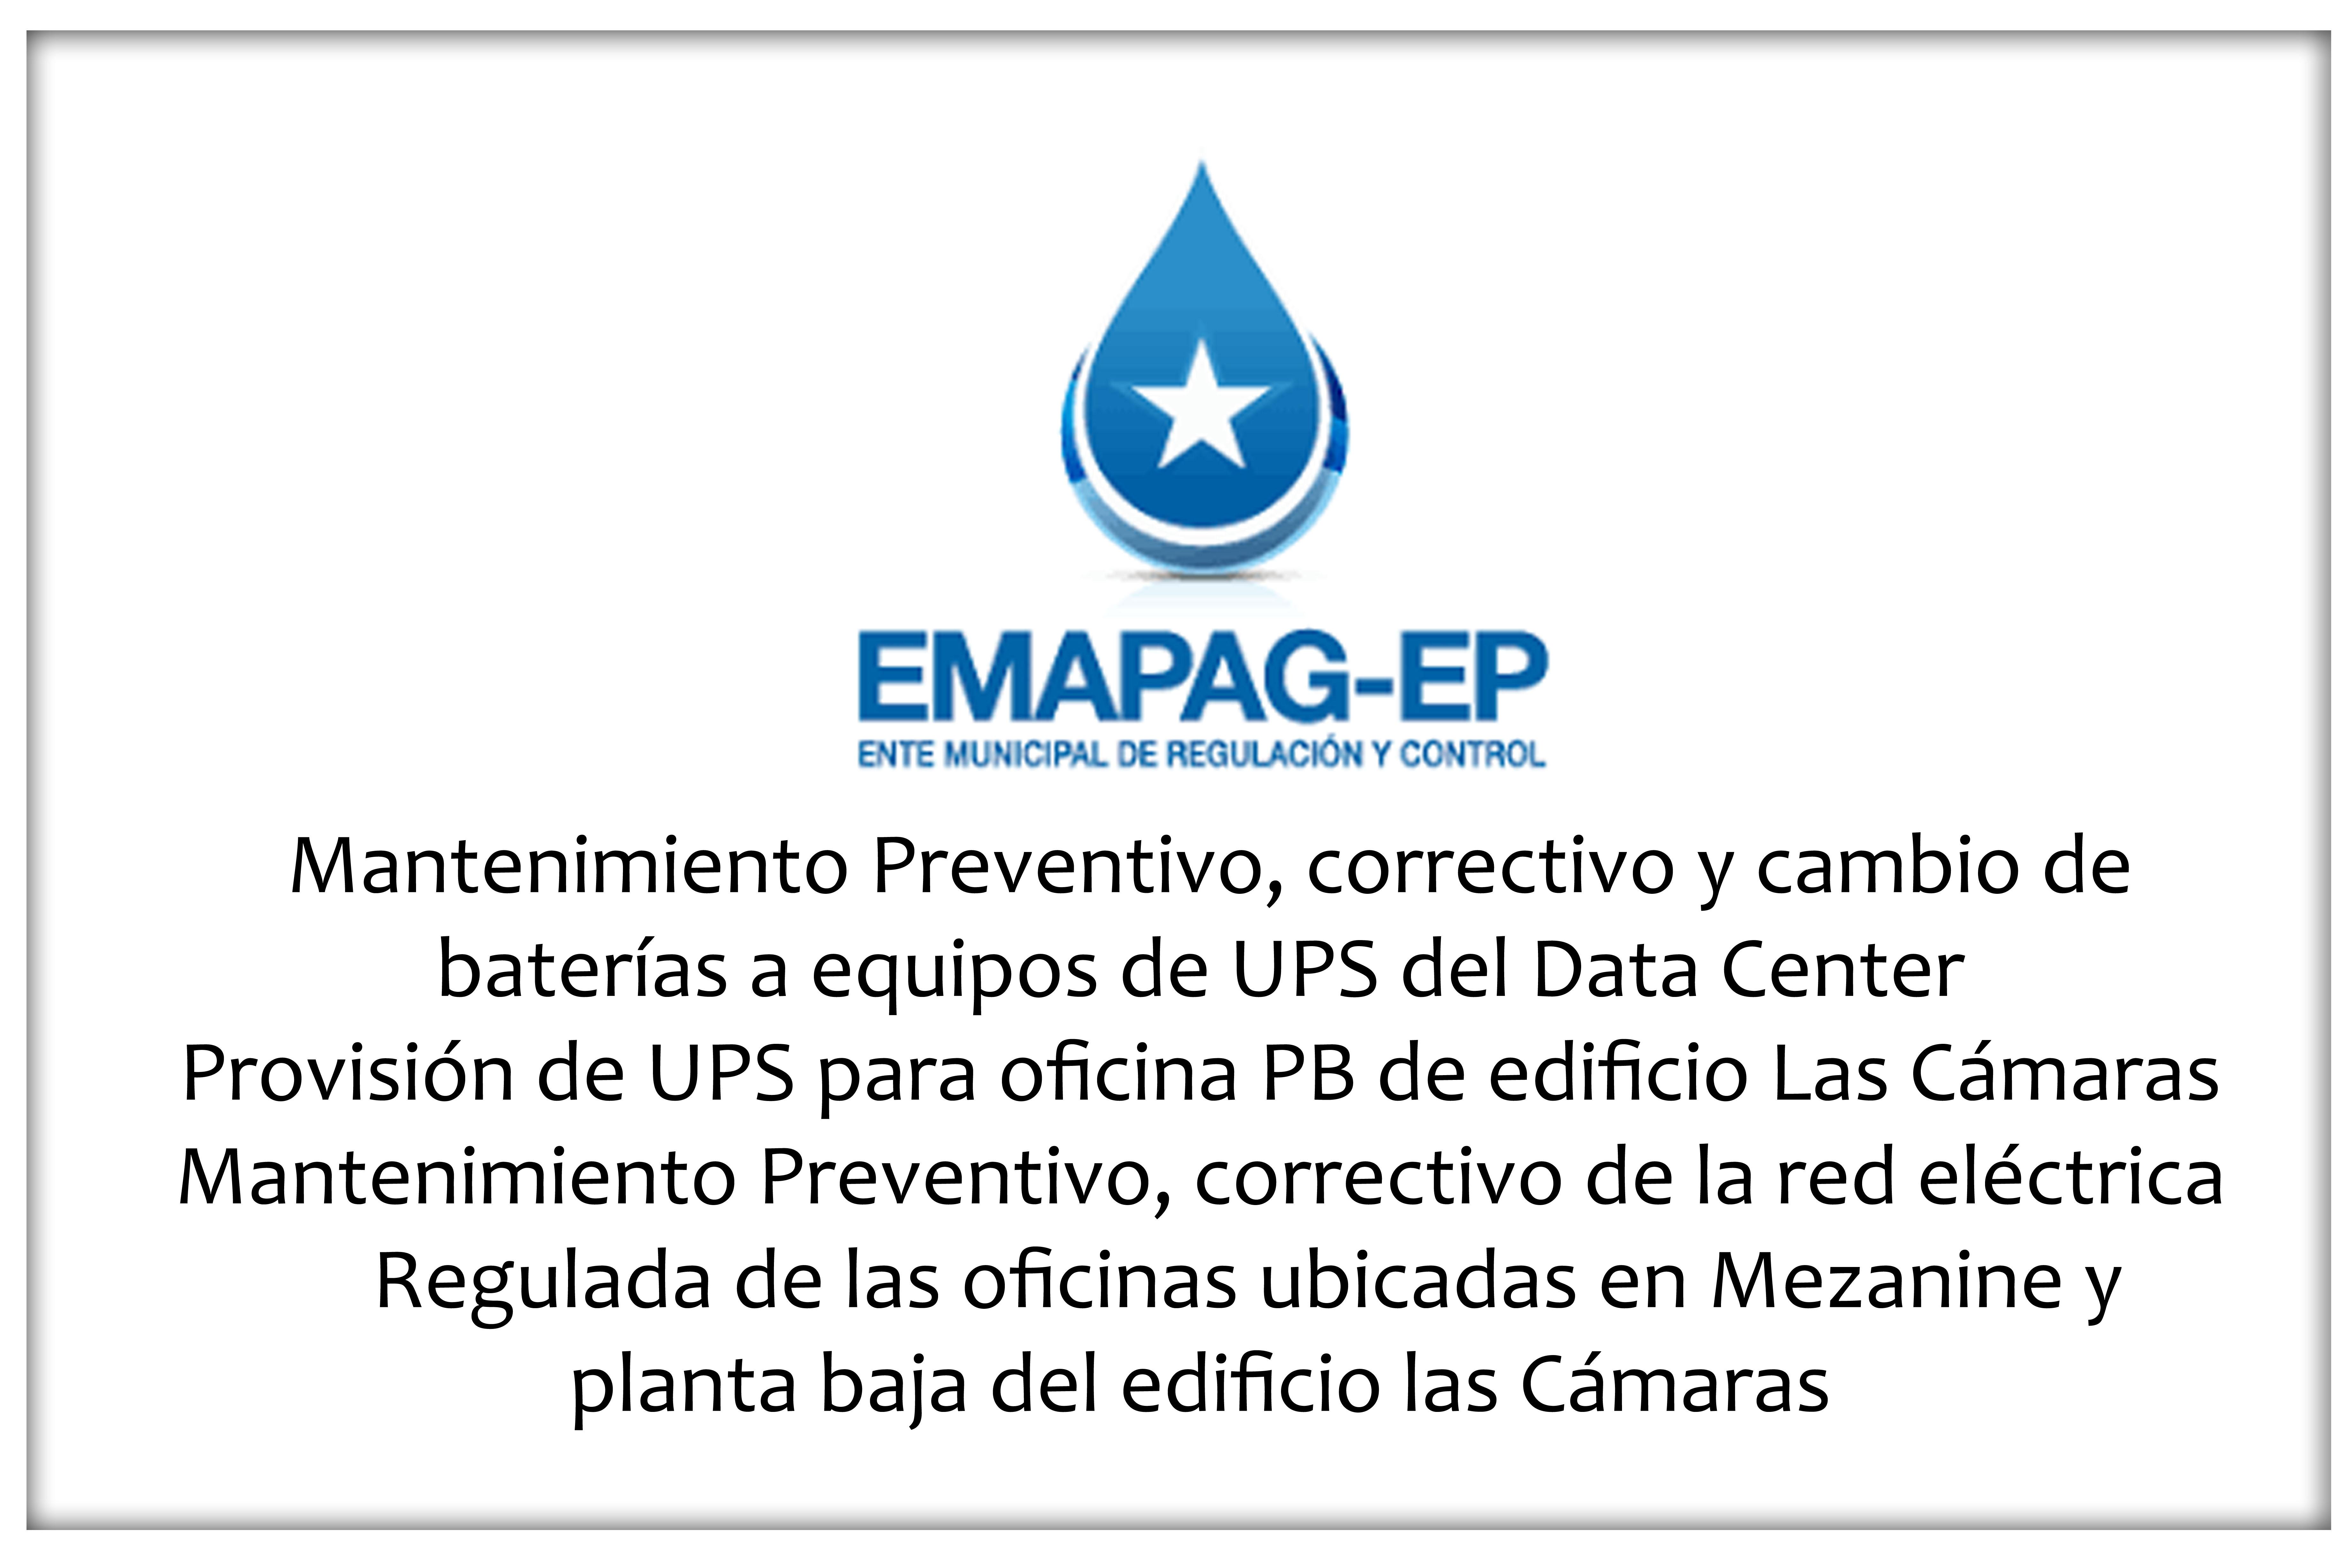 EMAPAG-EP